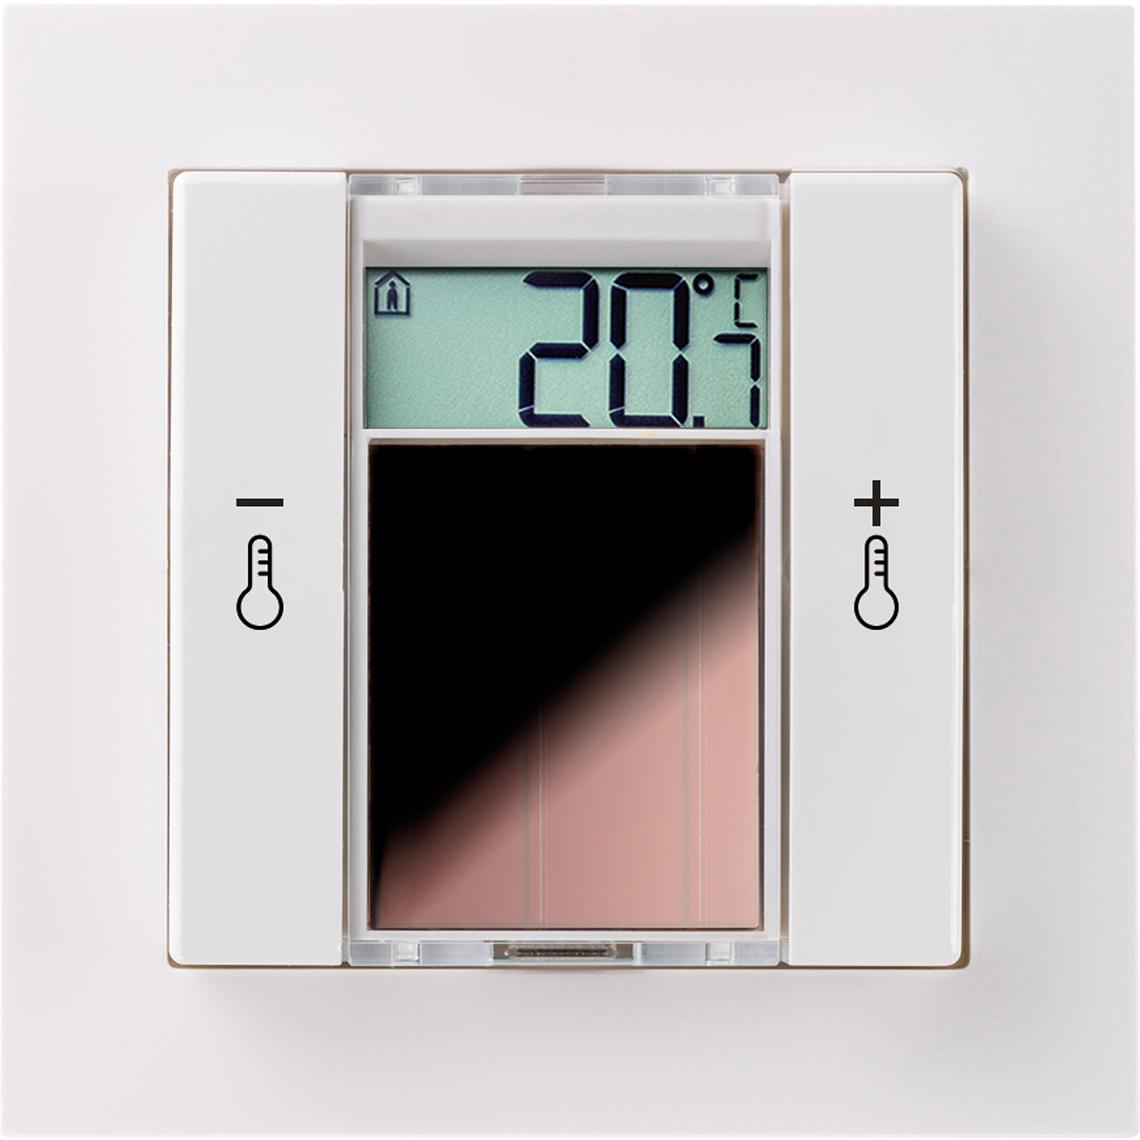 SR06 LCD 2T Gira E2 reinweiß glänzend Produktbild